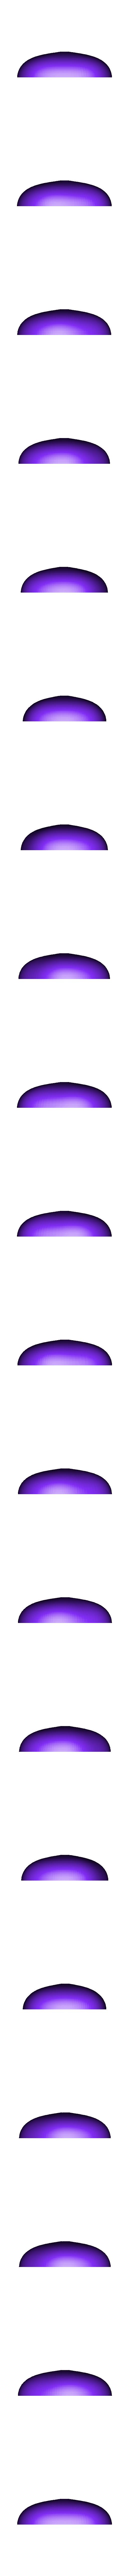 thimble4_part_2.stl Télécharger fichier STL gratuit Kara Kesh (arme de poing goa'uld) • Plan pour imprimante 3D, poblocki1982